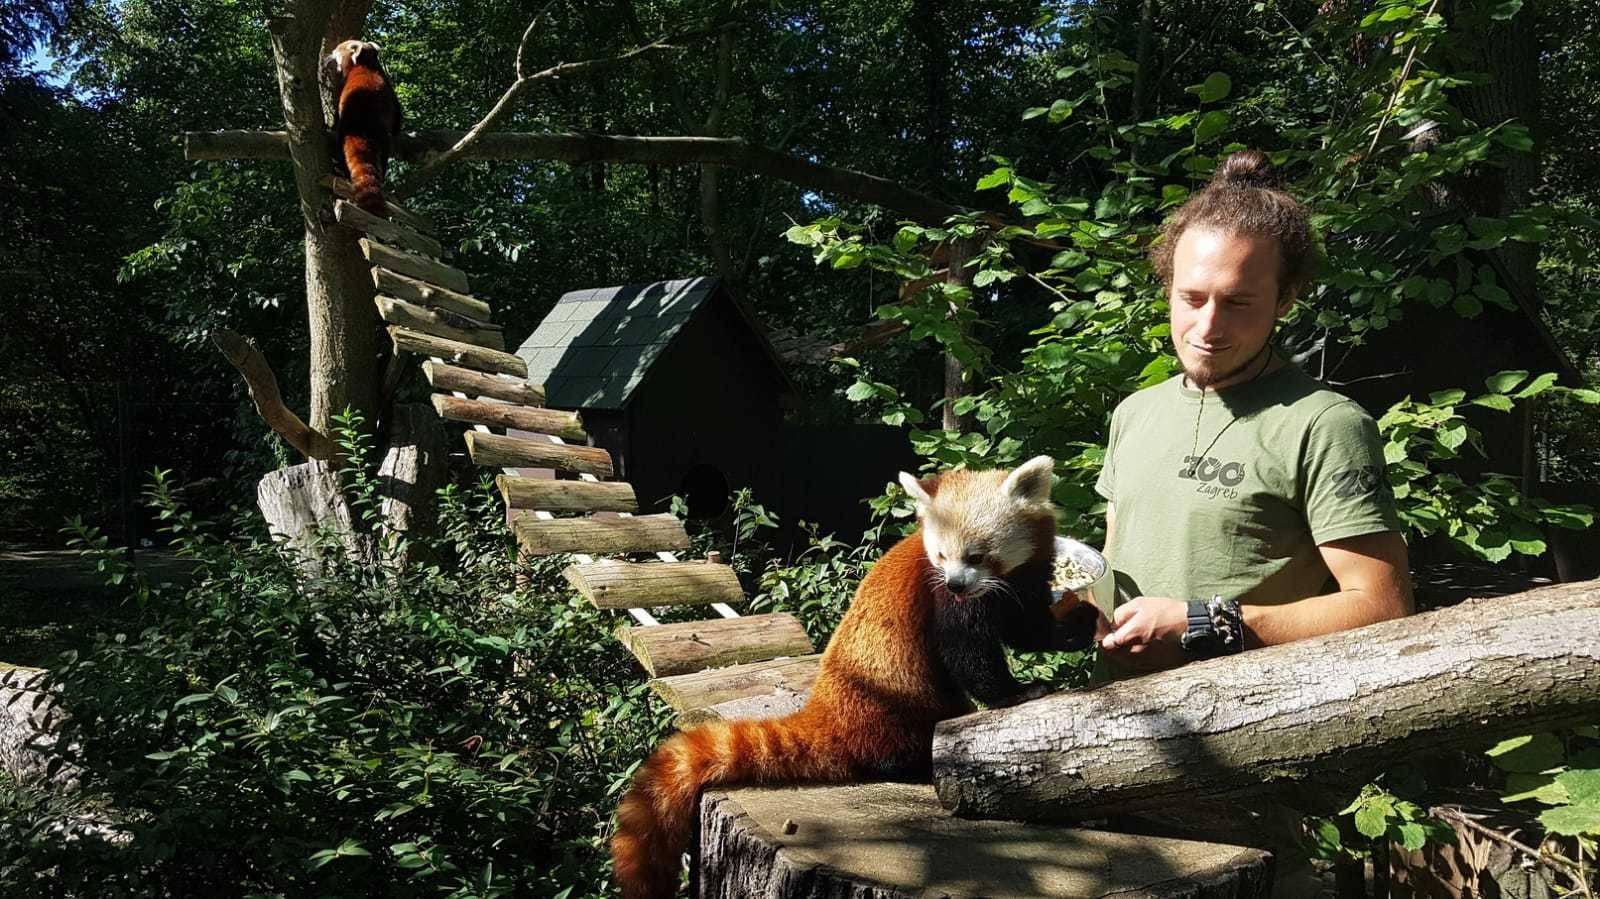 Zatvoren zagrebački Zoološki da se timaritelji ne bi zarazili